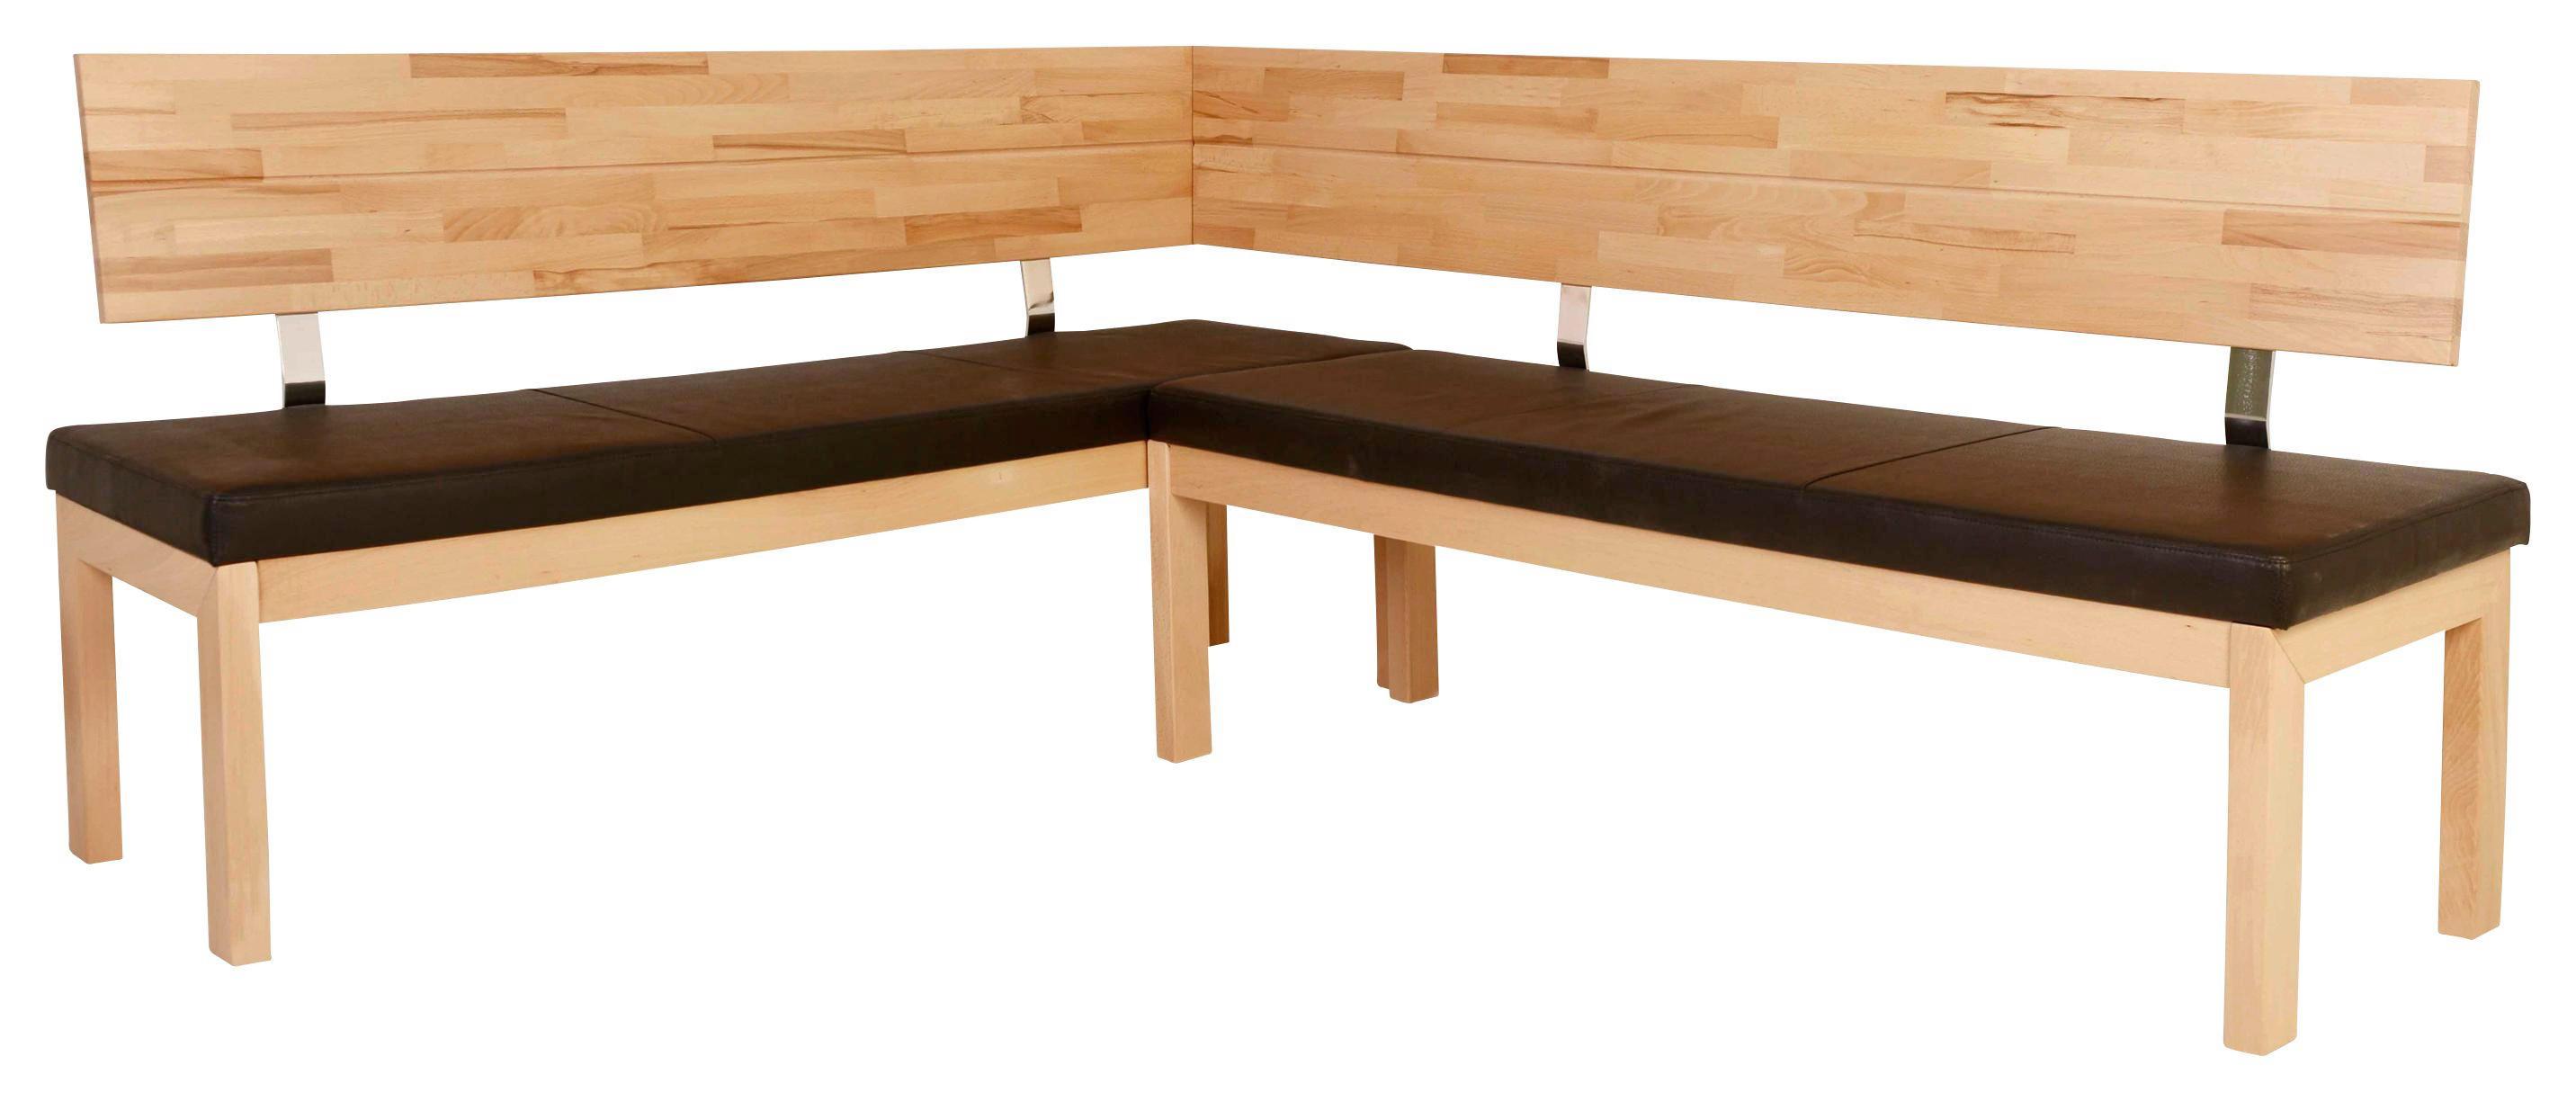 ECKBANK In Holz, Textil Braun, Buchefarben   Buchefarben/Braun, Natur, Holz